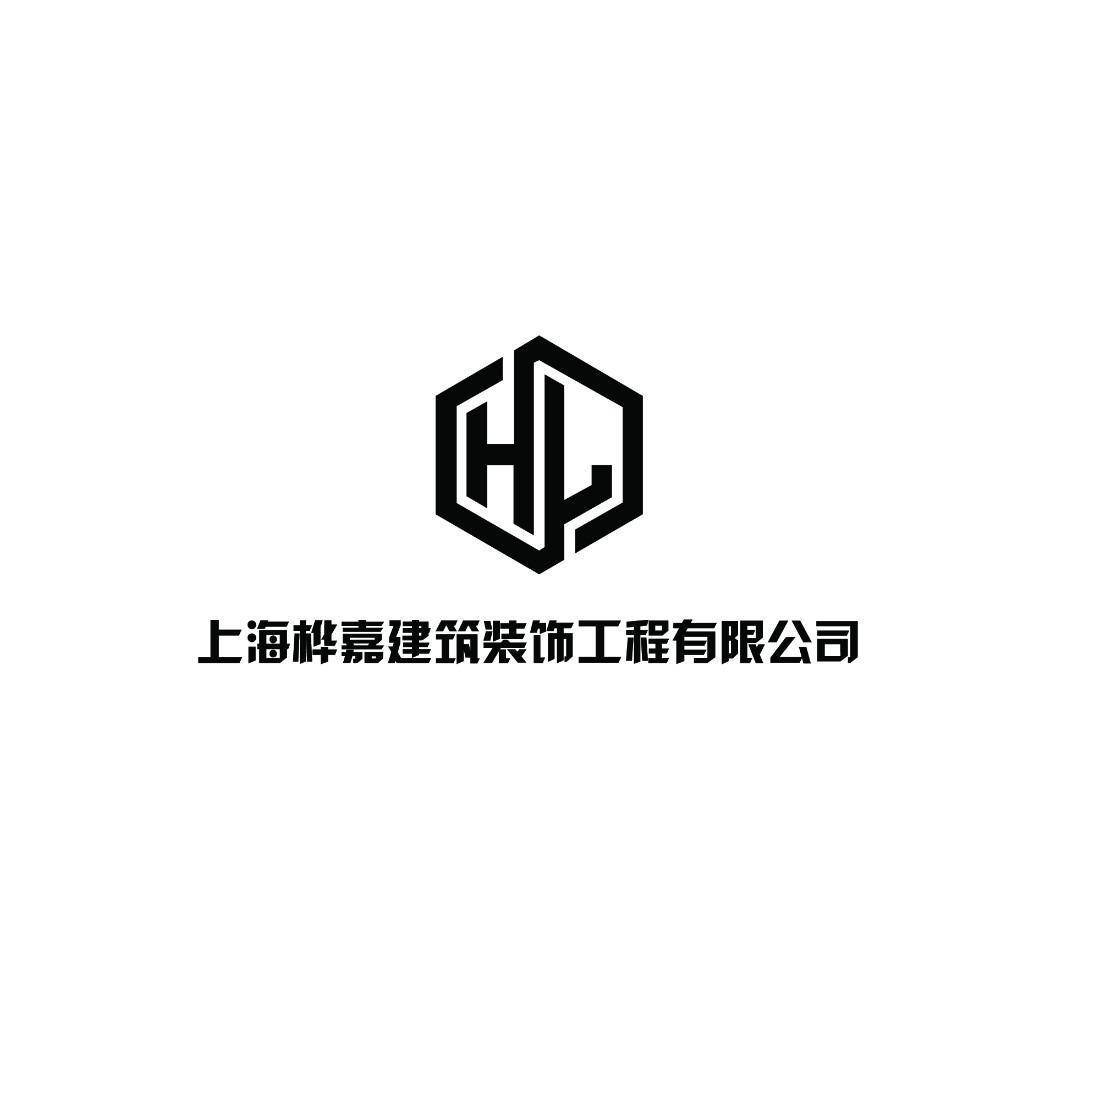 上海桦嘉建筑装饰工程有限公司